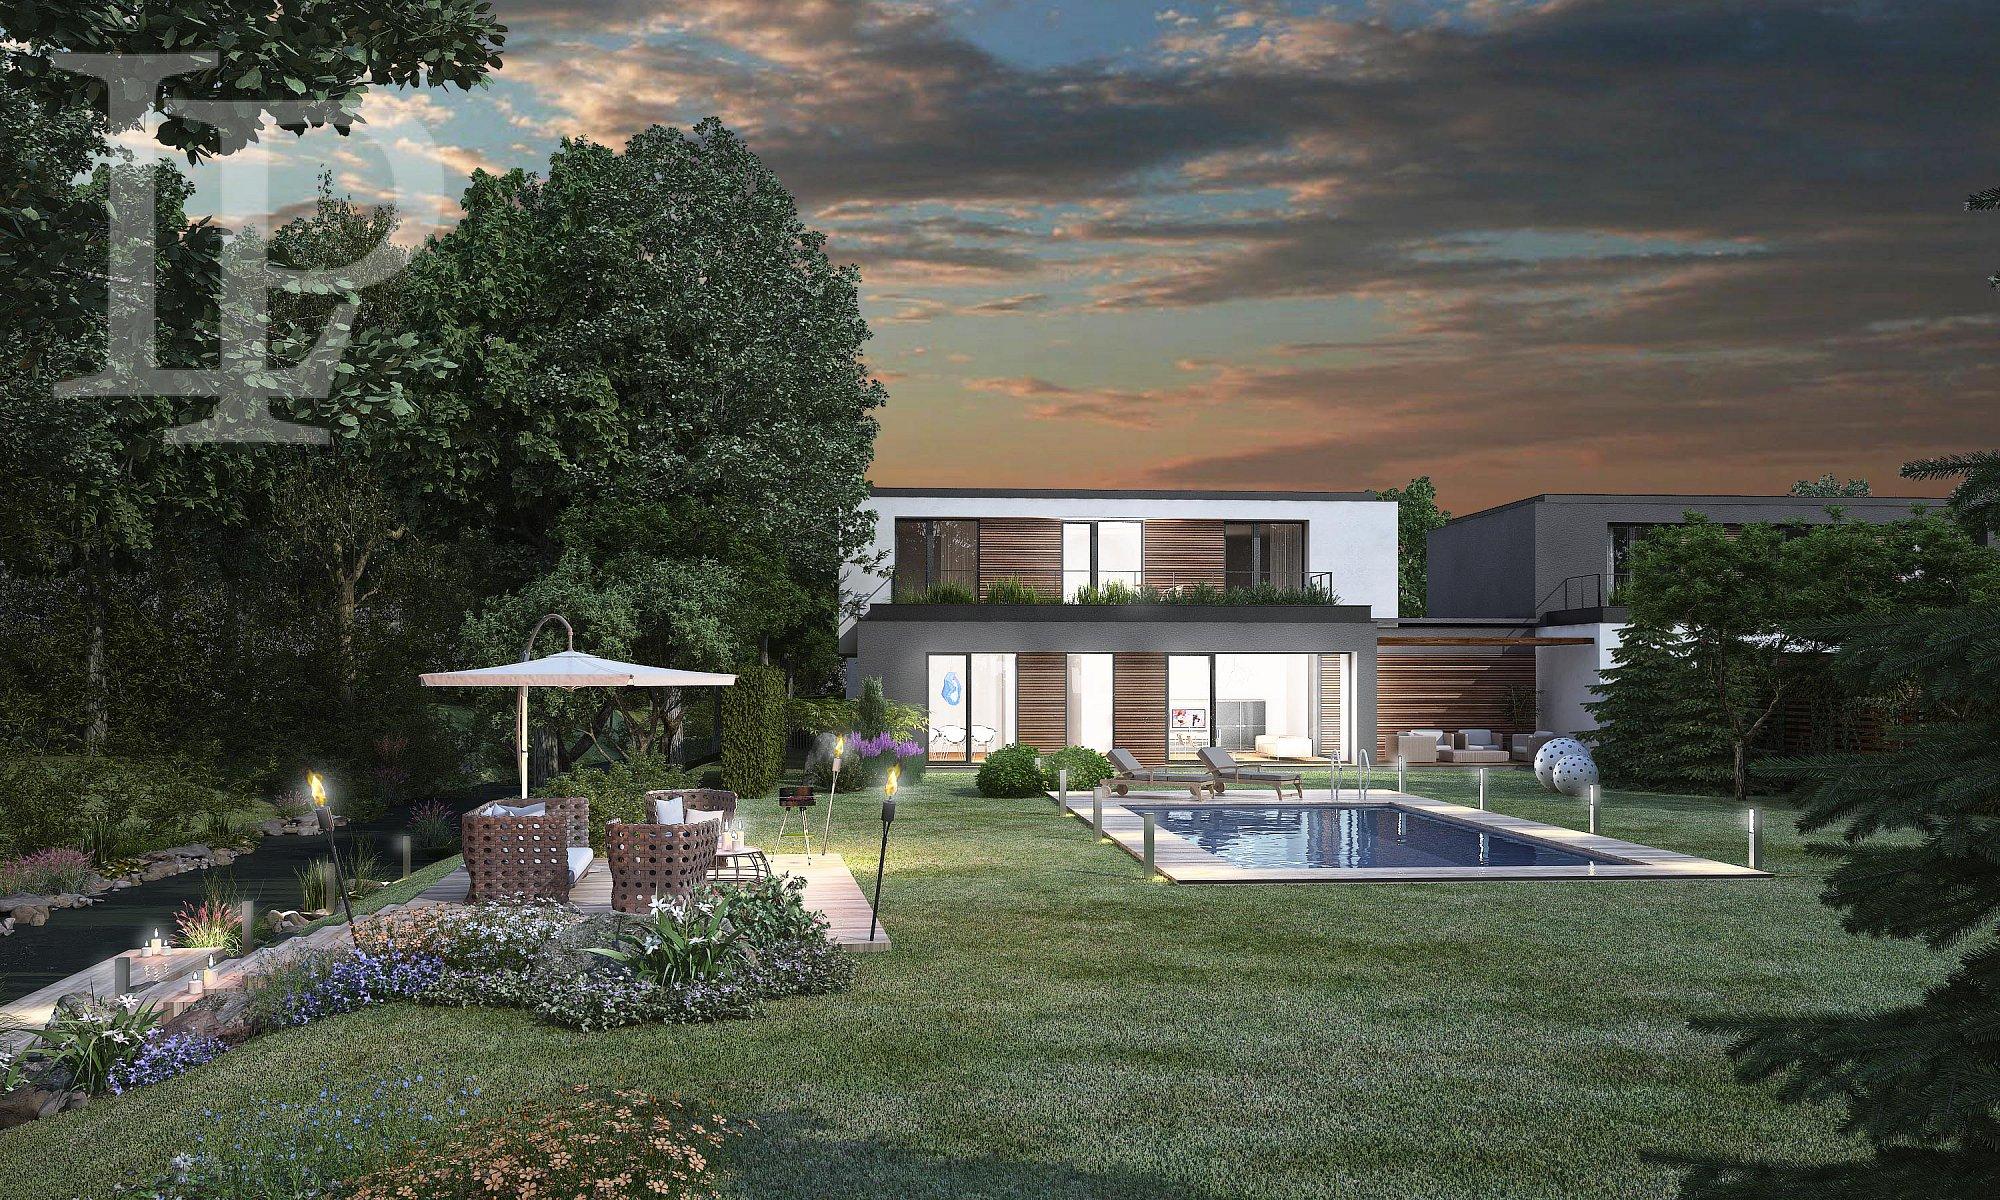 Luxusní nízkoenergetická vila uprostřed přírody s vlastní zahradou